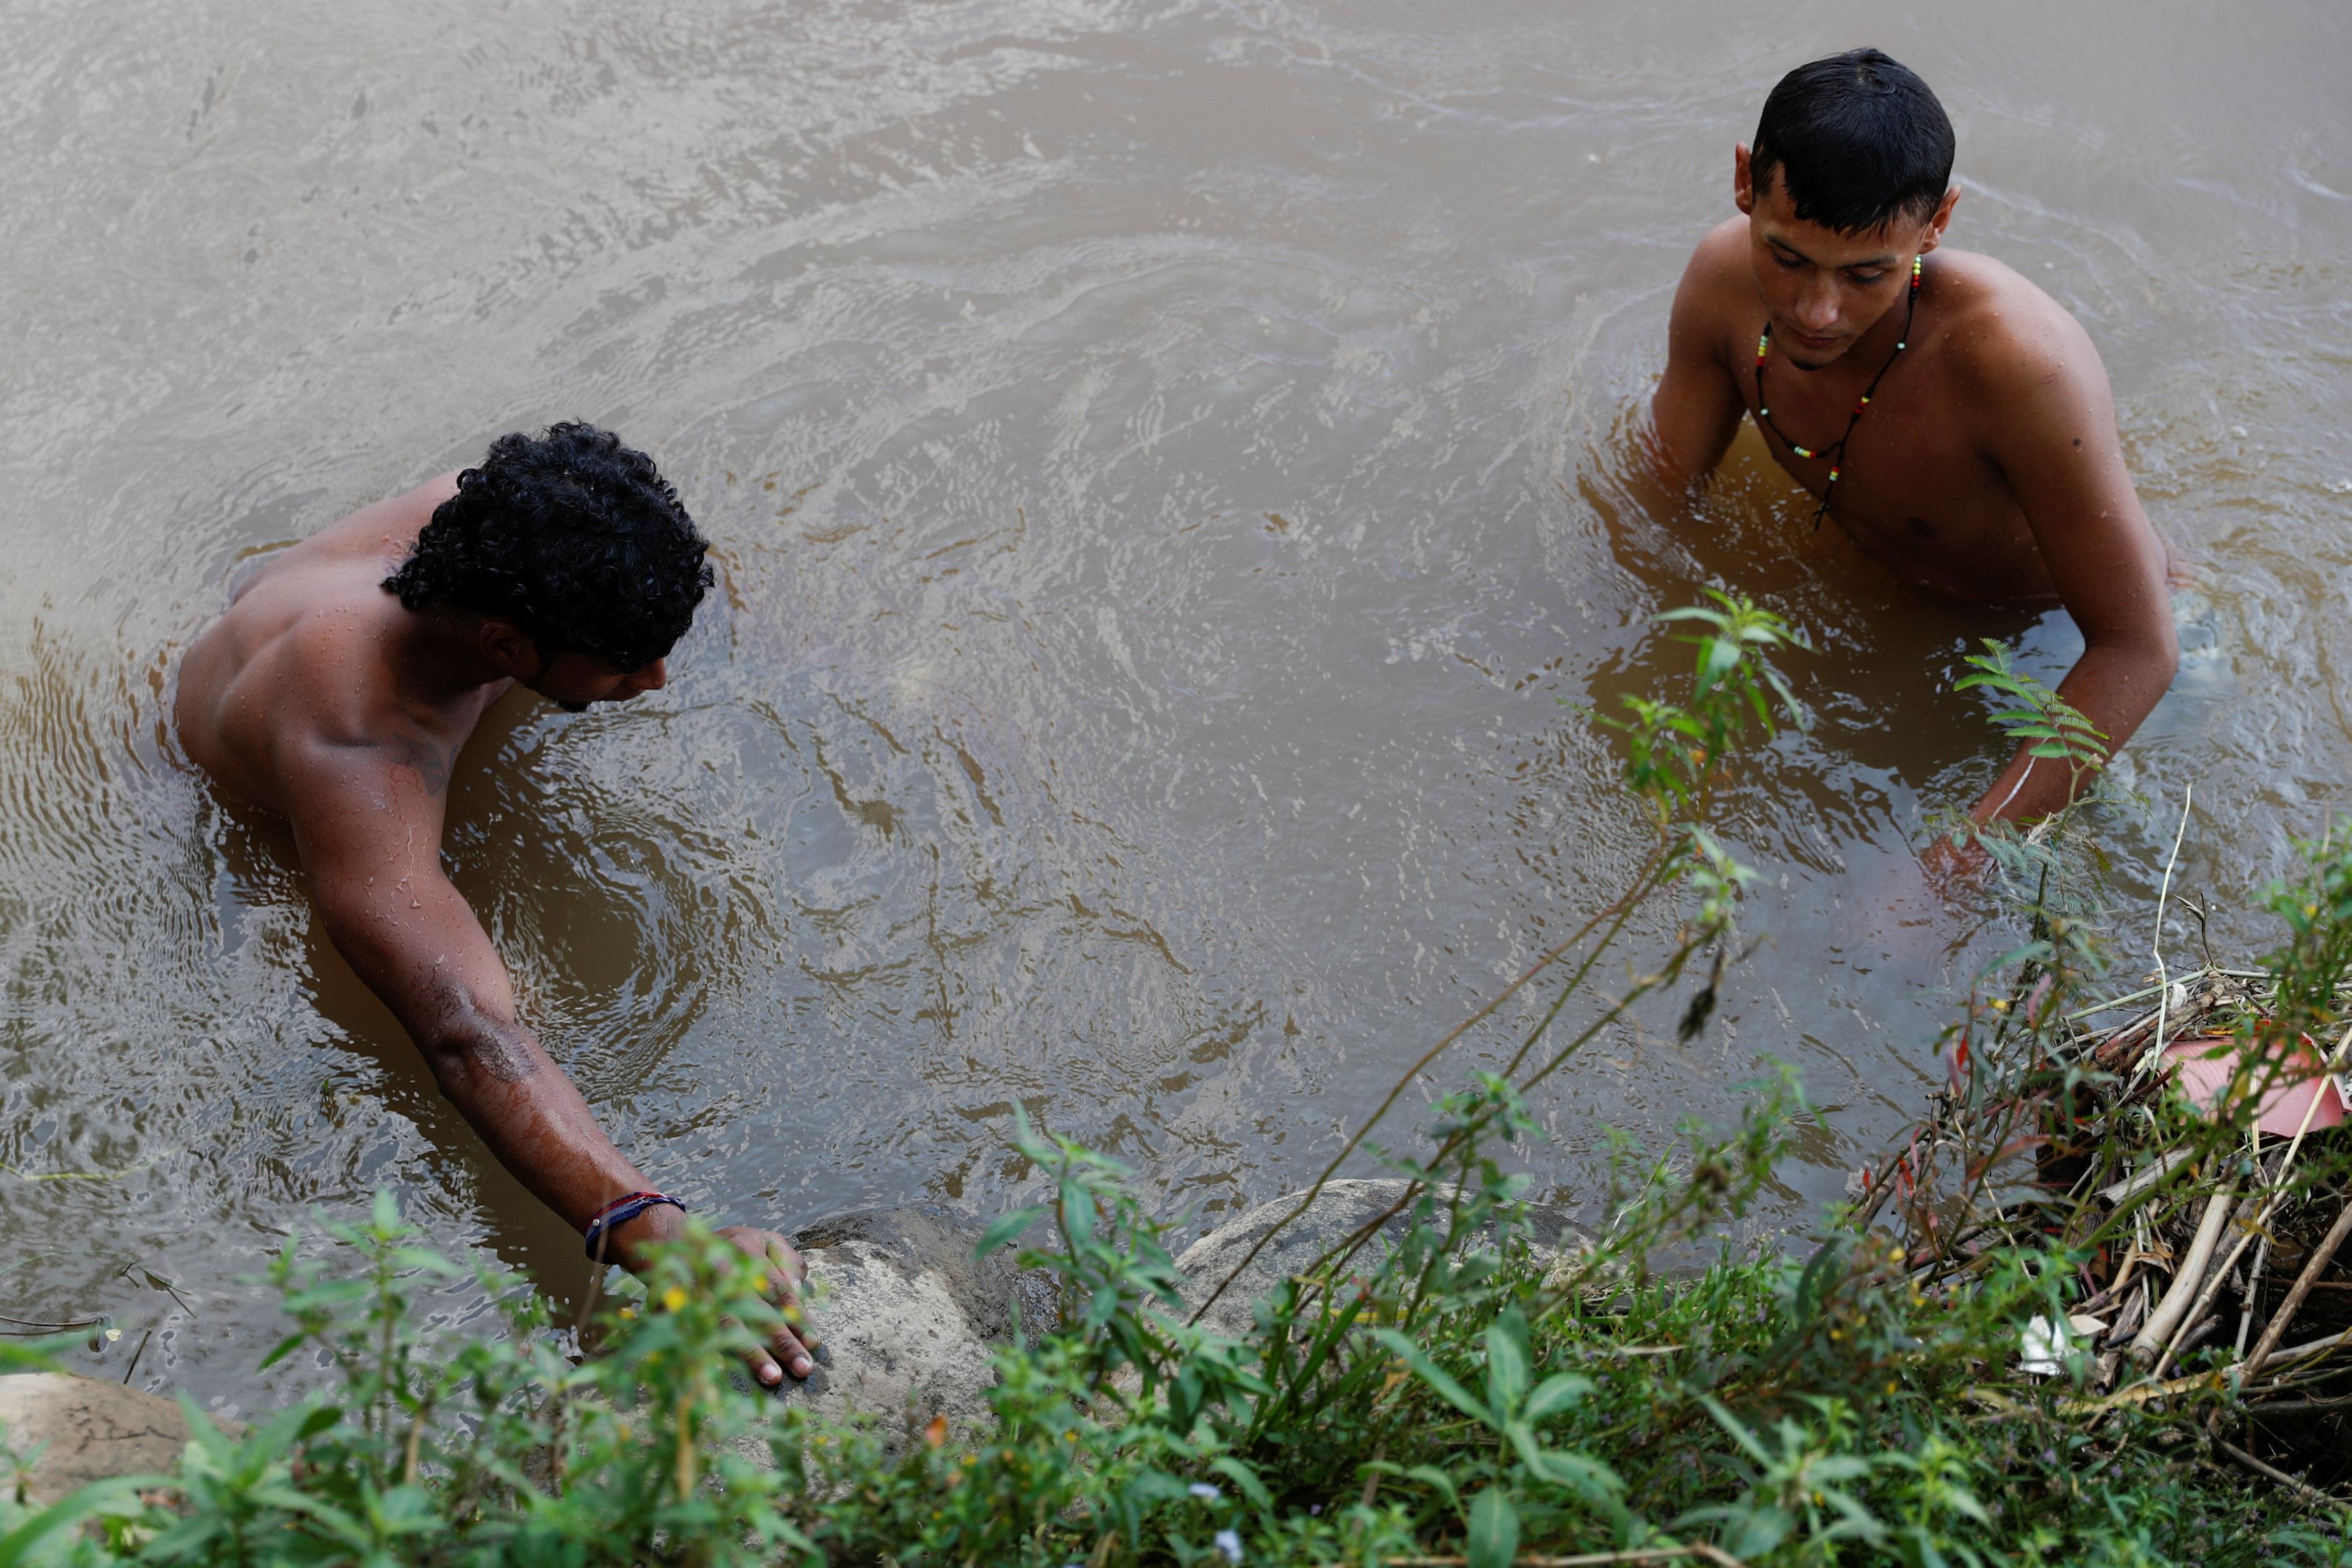 جانب من سباحة مهاجر هندوراسى